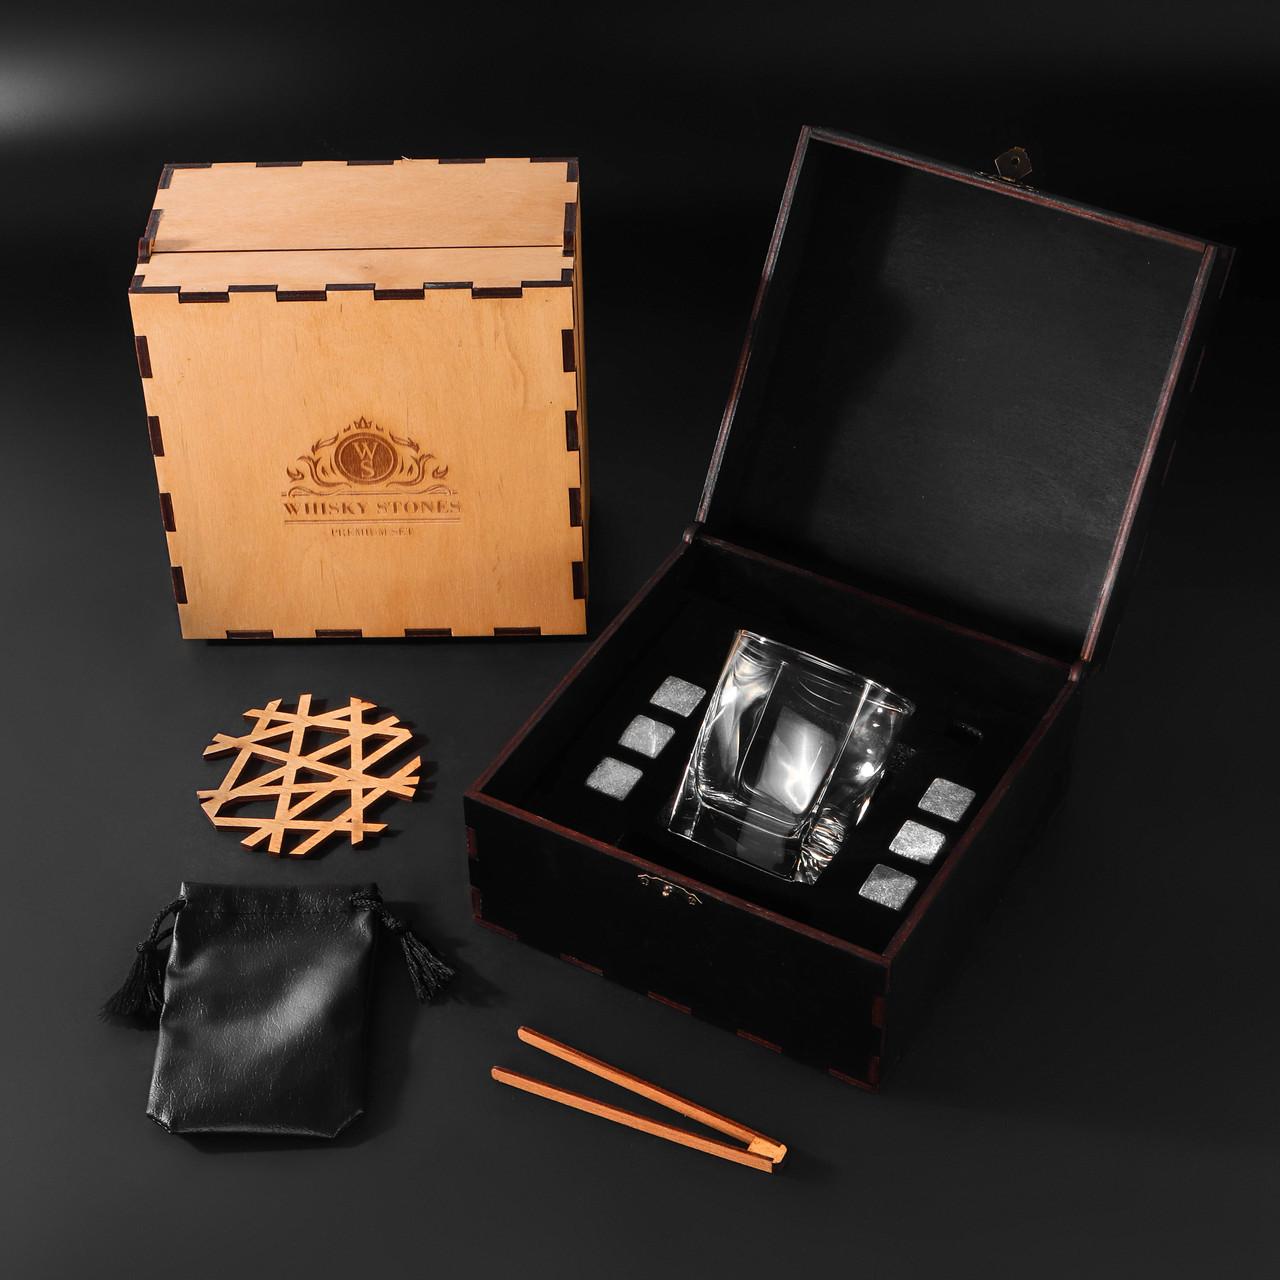 Мужской подарок, камни для виски, оригинальные подарки на День Рождения